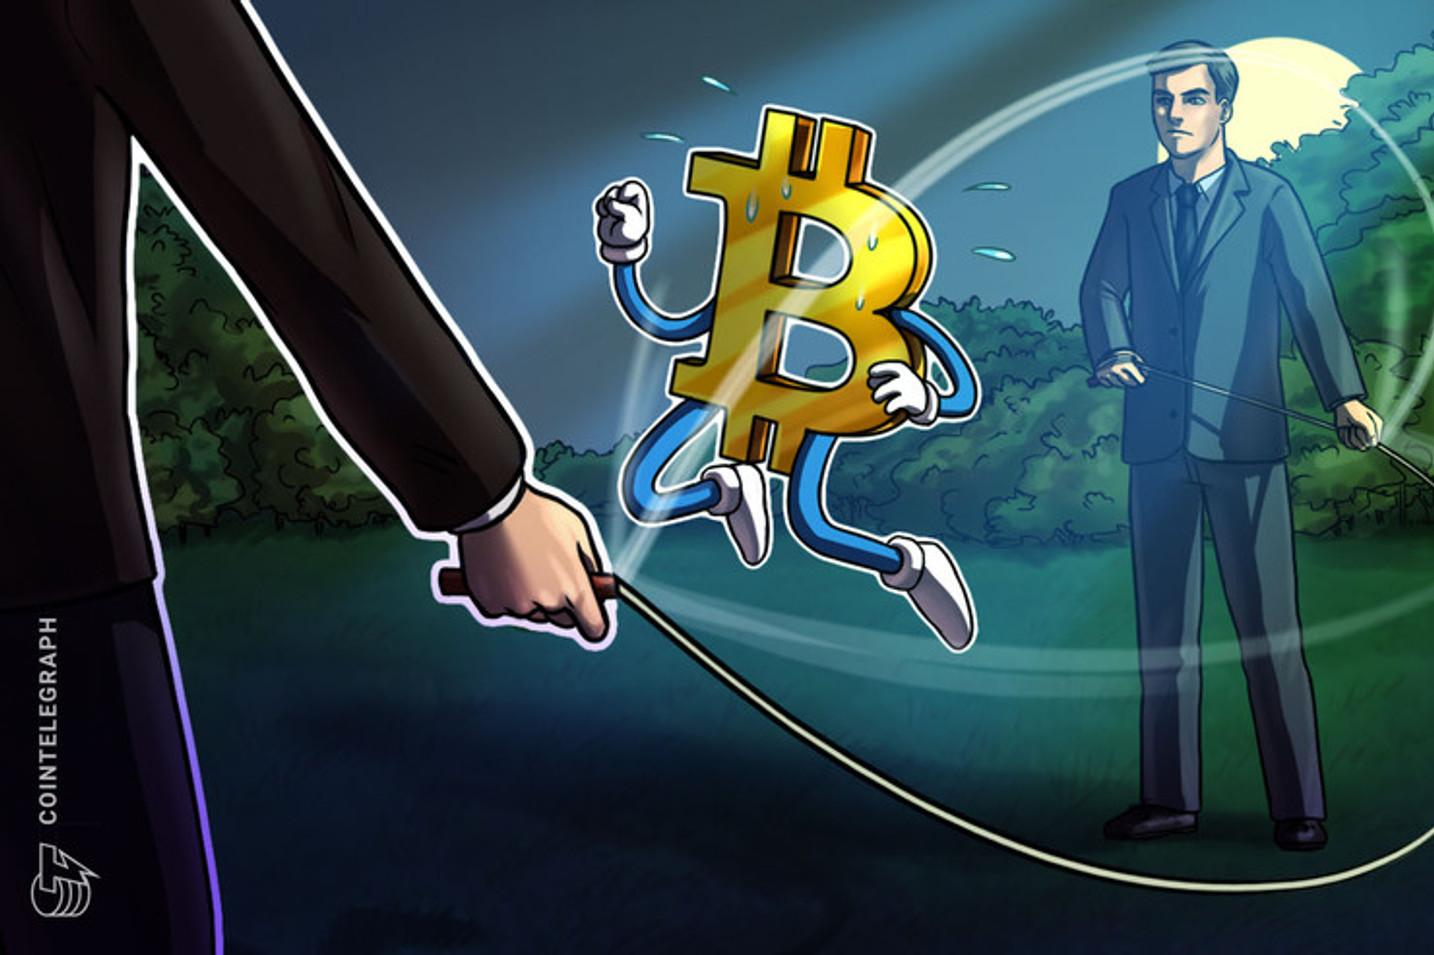 'Não acredito que vá melhorar no curto prazo', diz CEO da BitPreço sobre pirâmides de Bitcoin